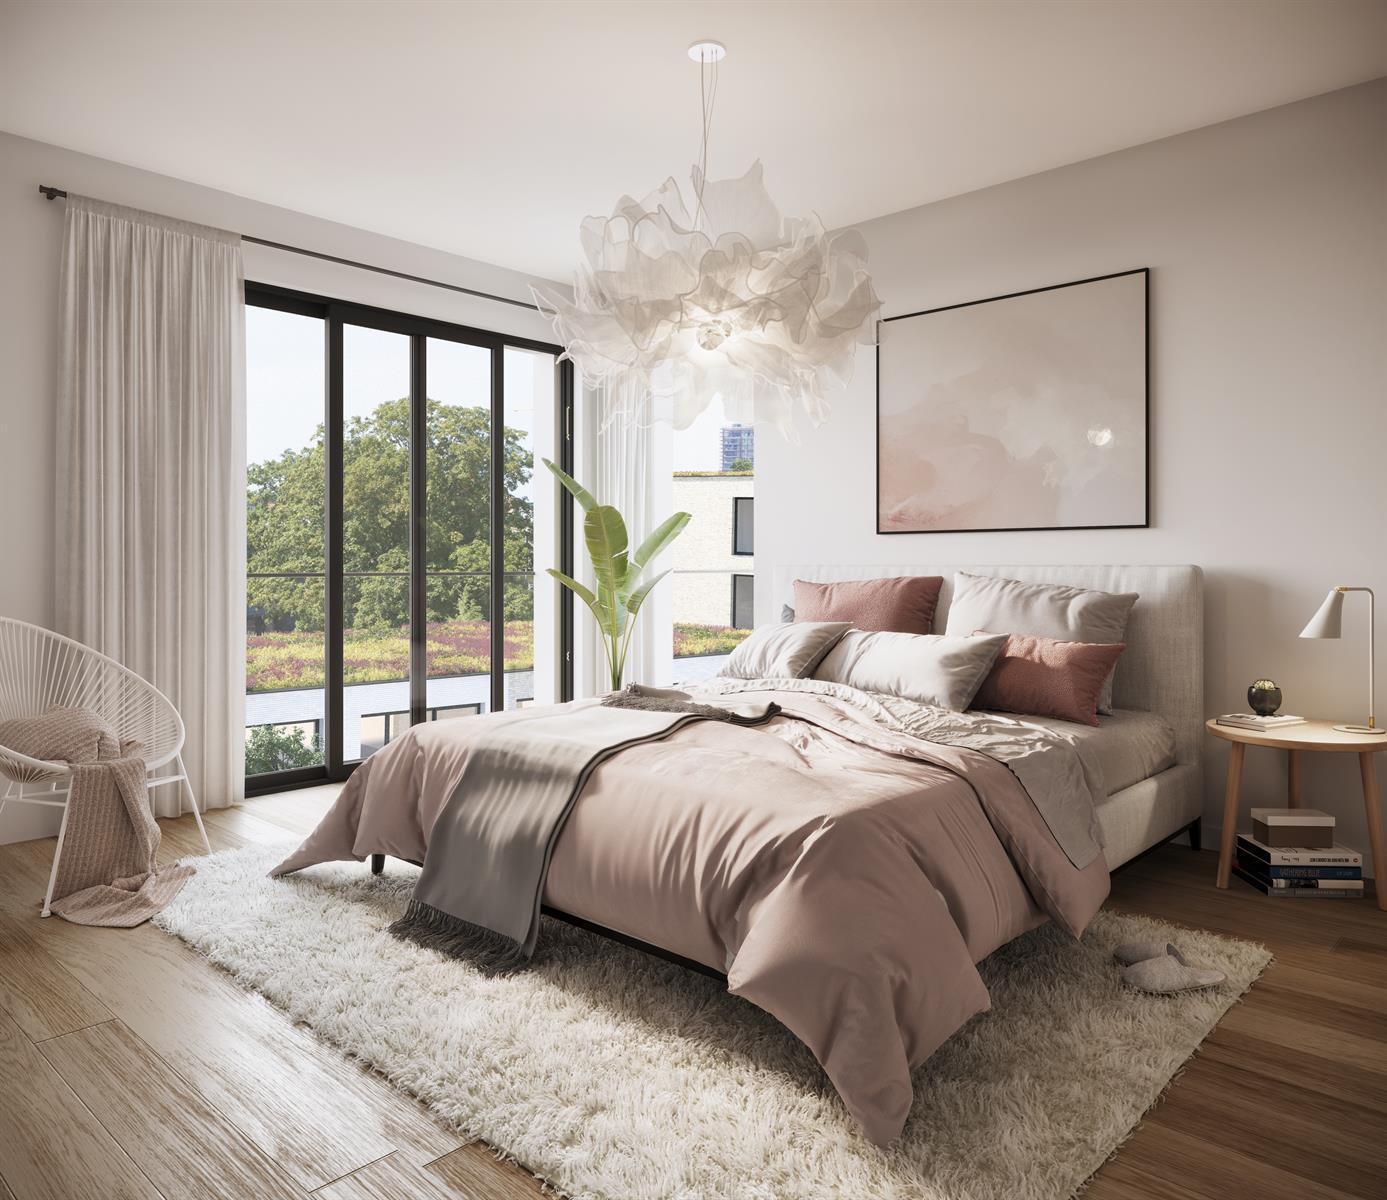 Te koop, Appartement, Gent, App A1.01 - blok A